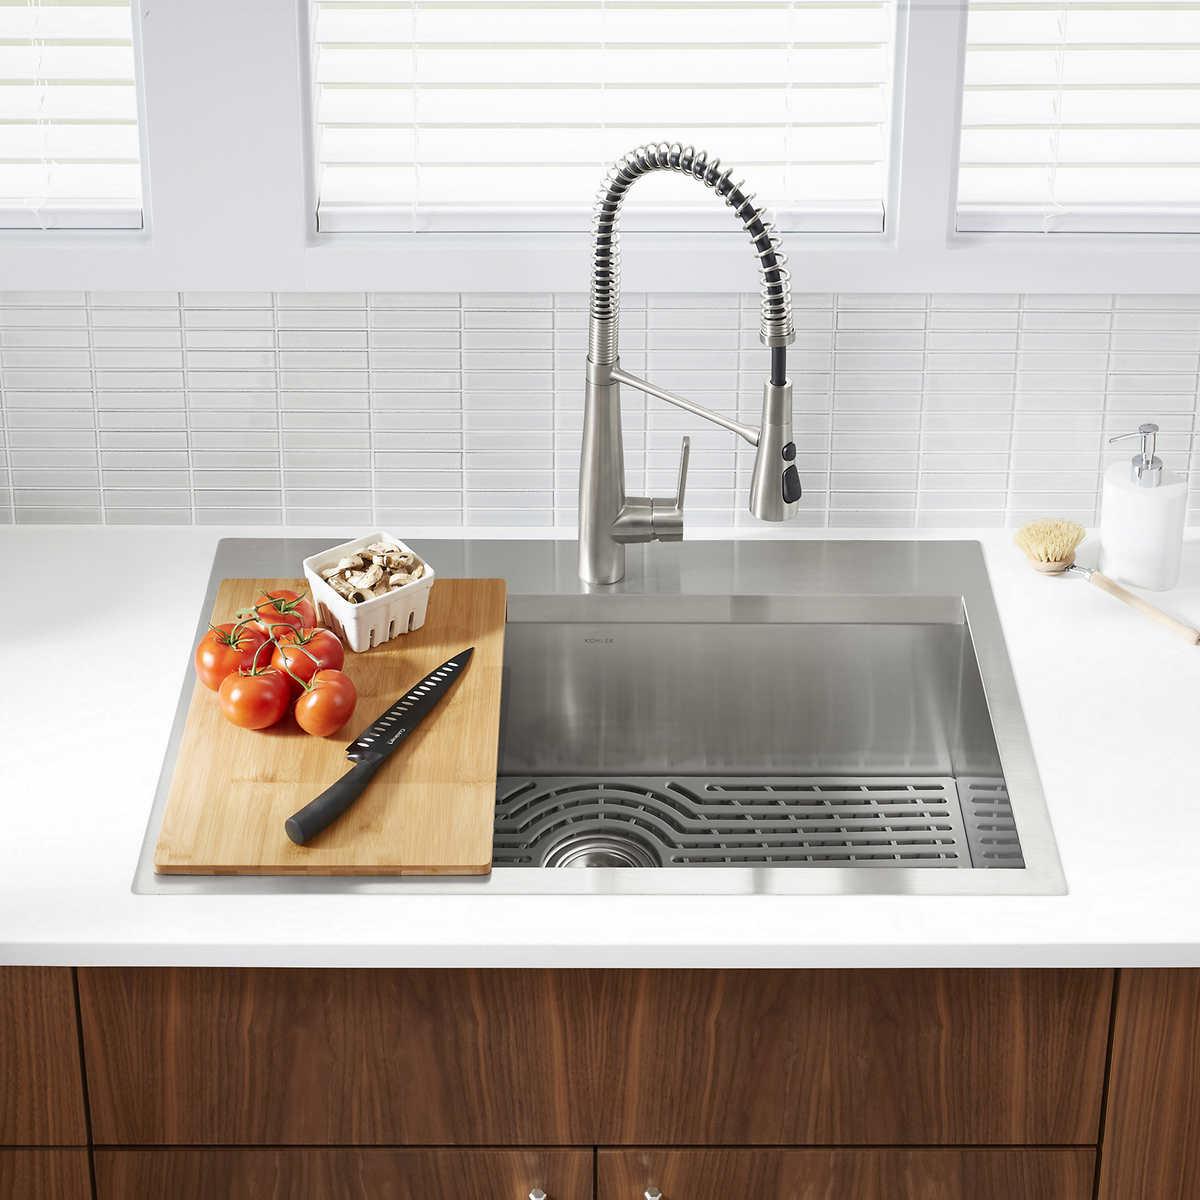 Kohler Pro Inspired Kitchen Sink Kit